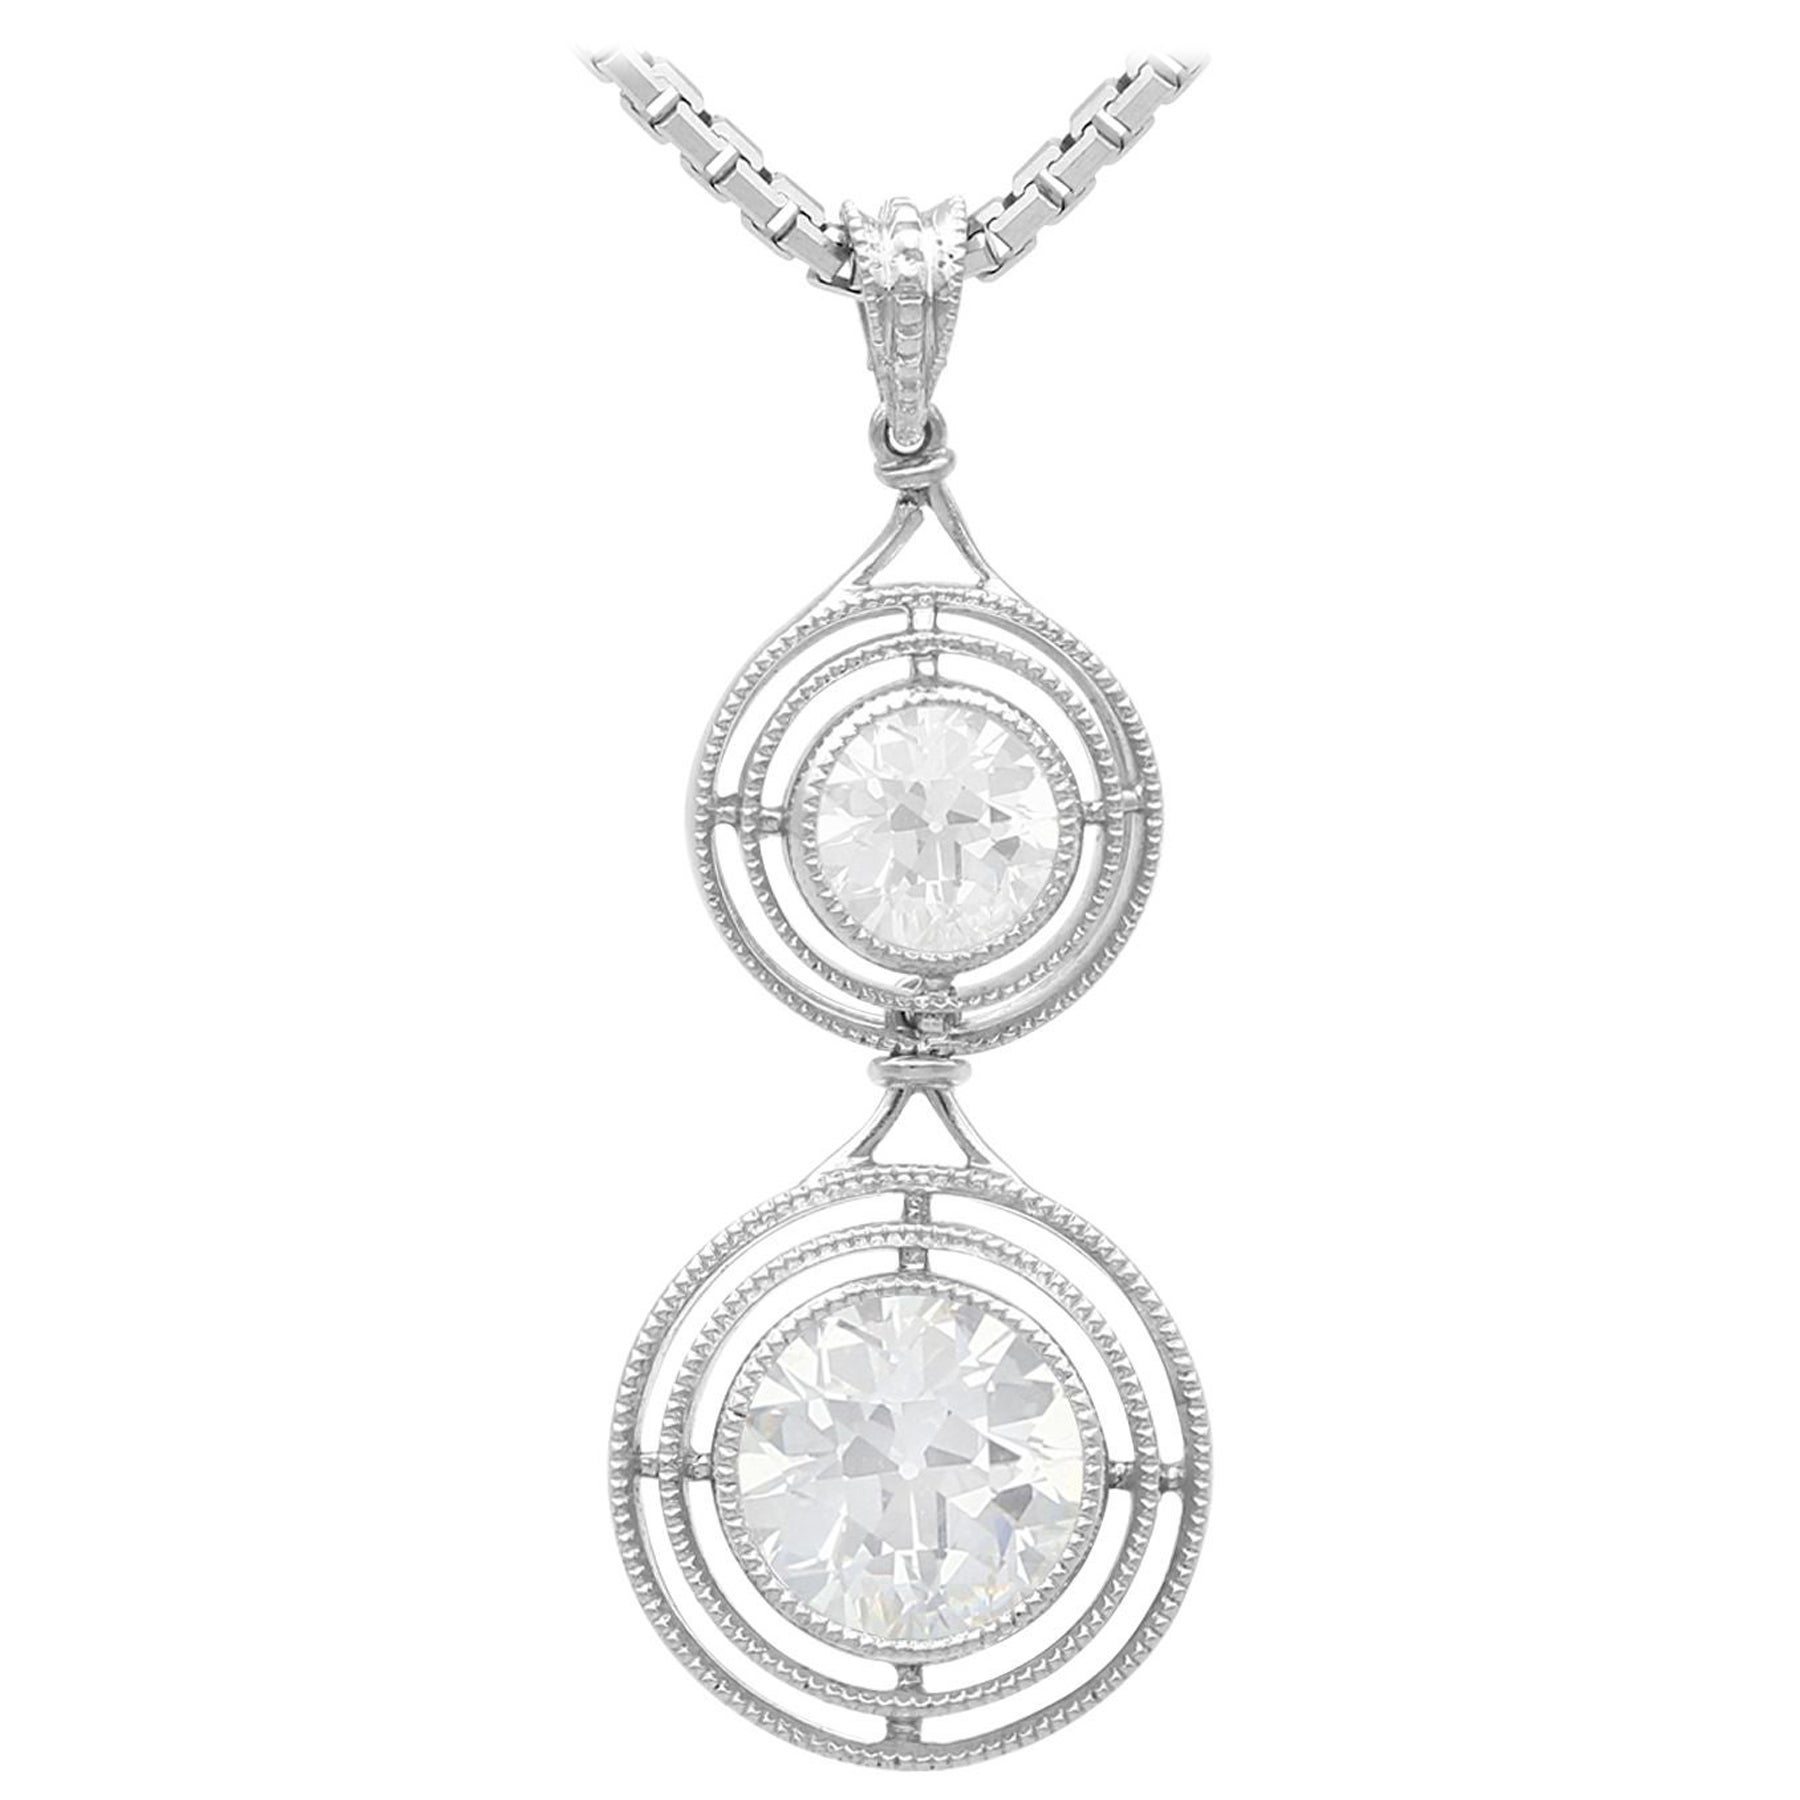 1.42 Carat Diamond and Platinum Drop Pendant Antique Circa 1930